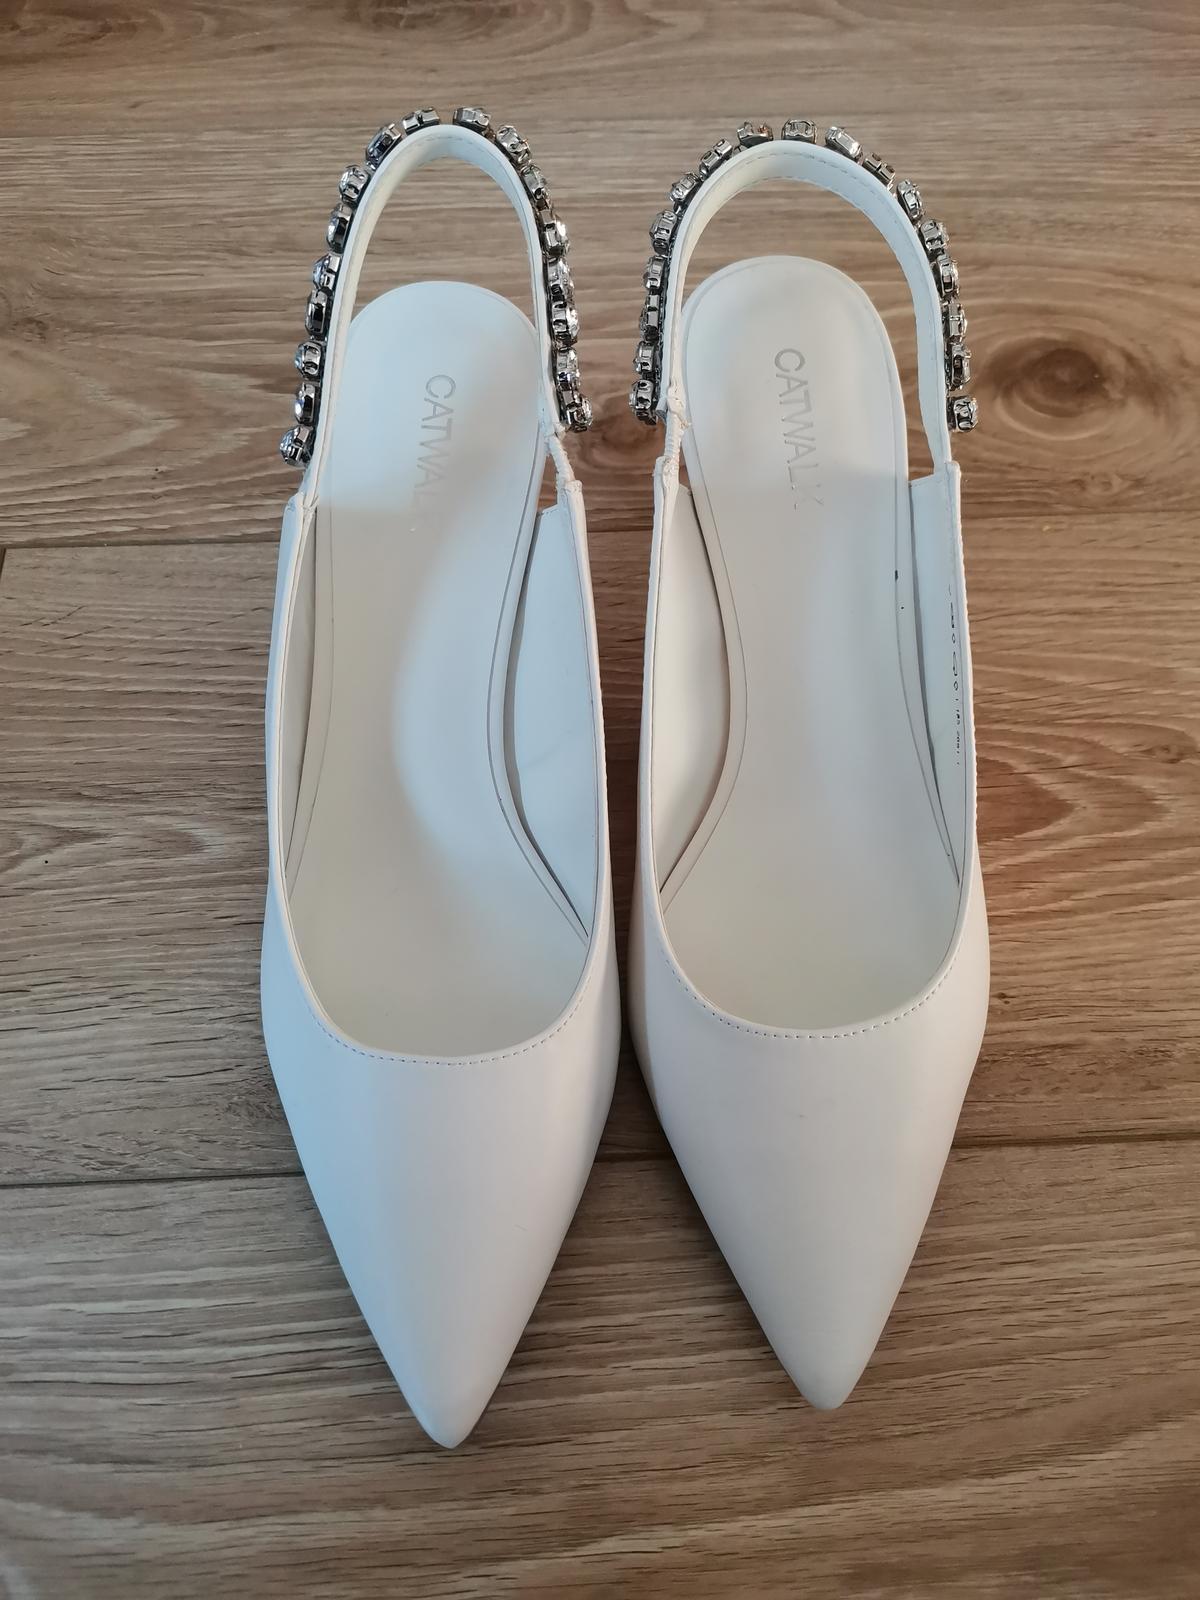 Svadobné topánky / lodičky - Obrázok č. 3